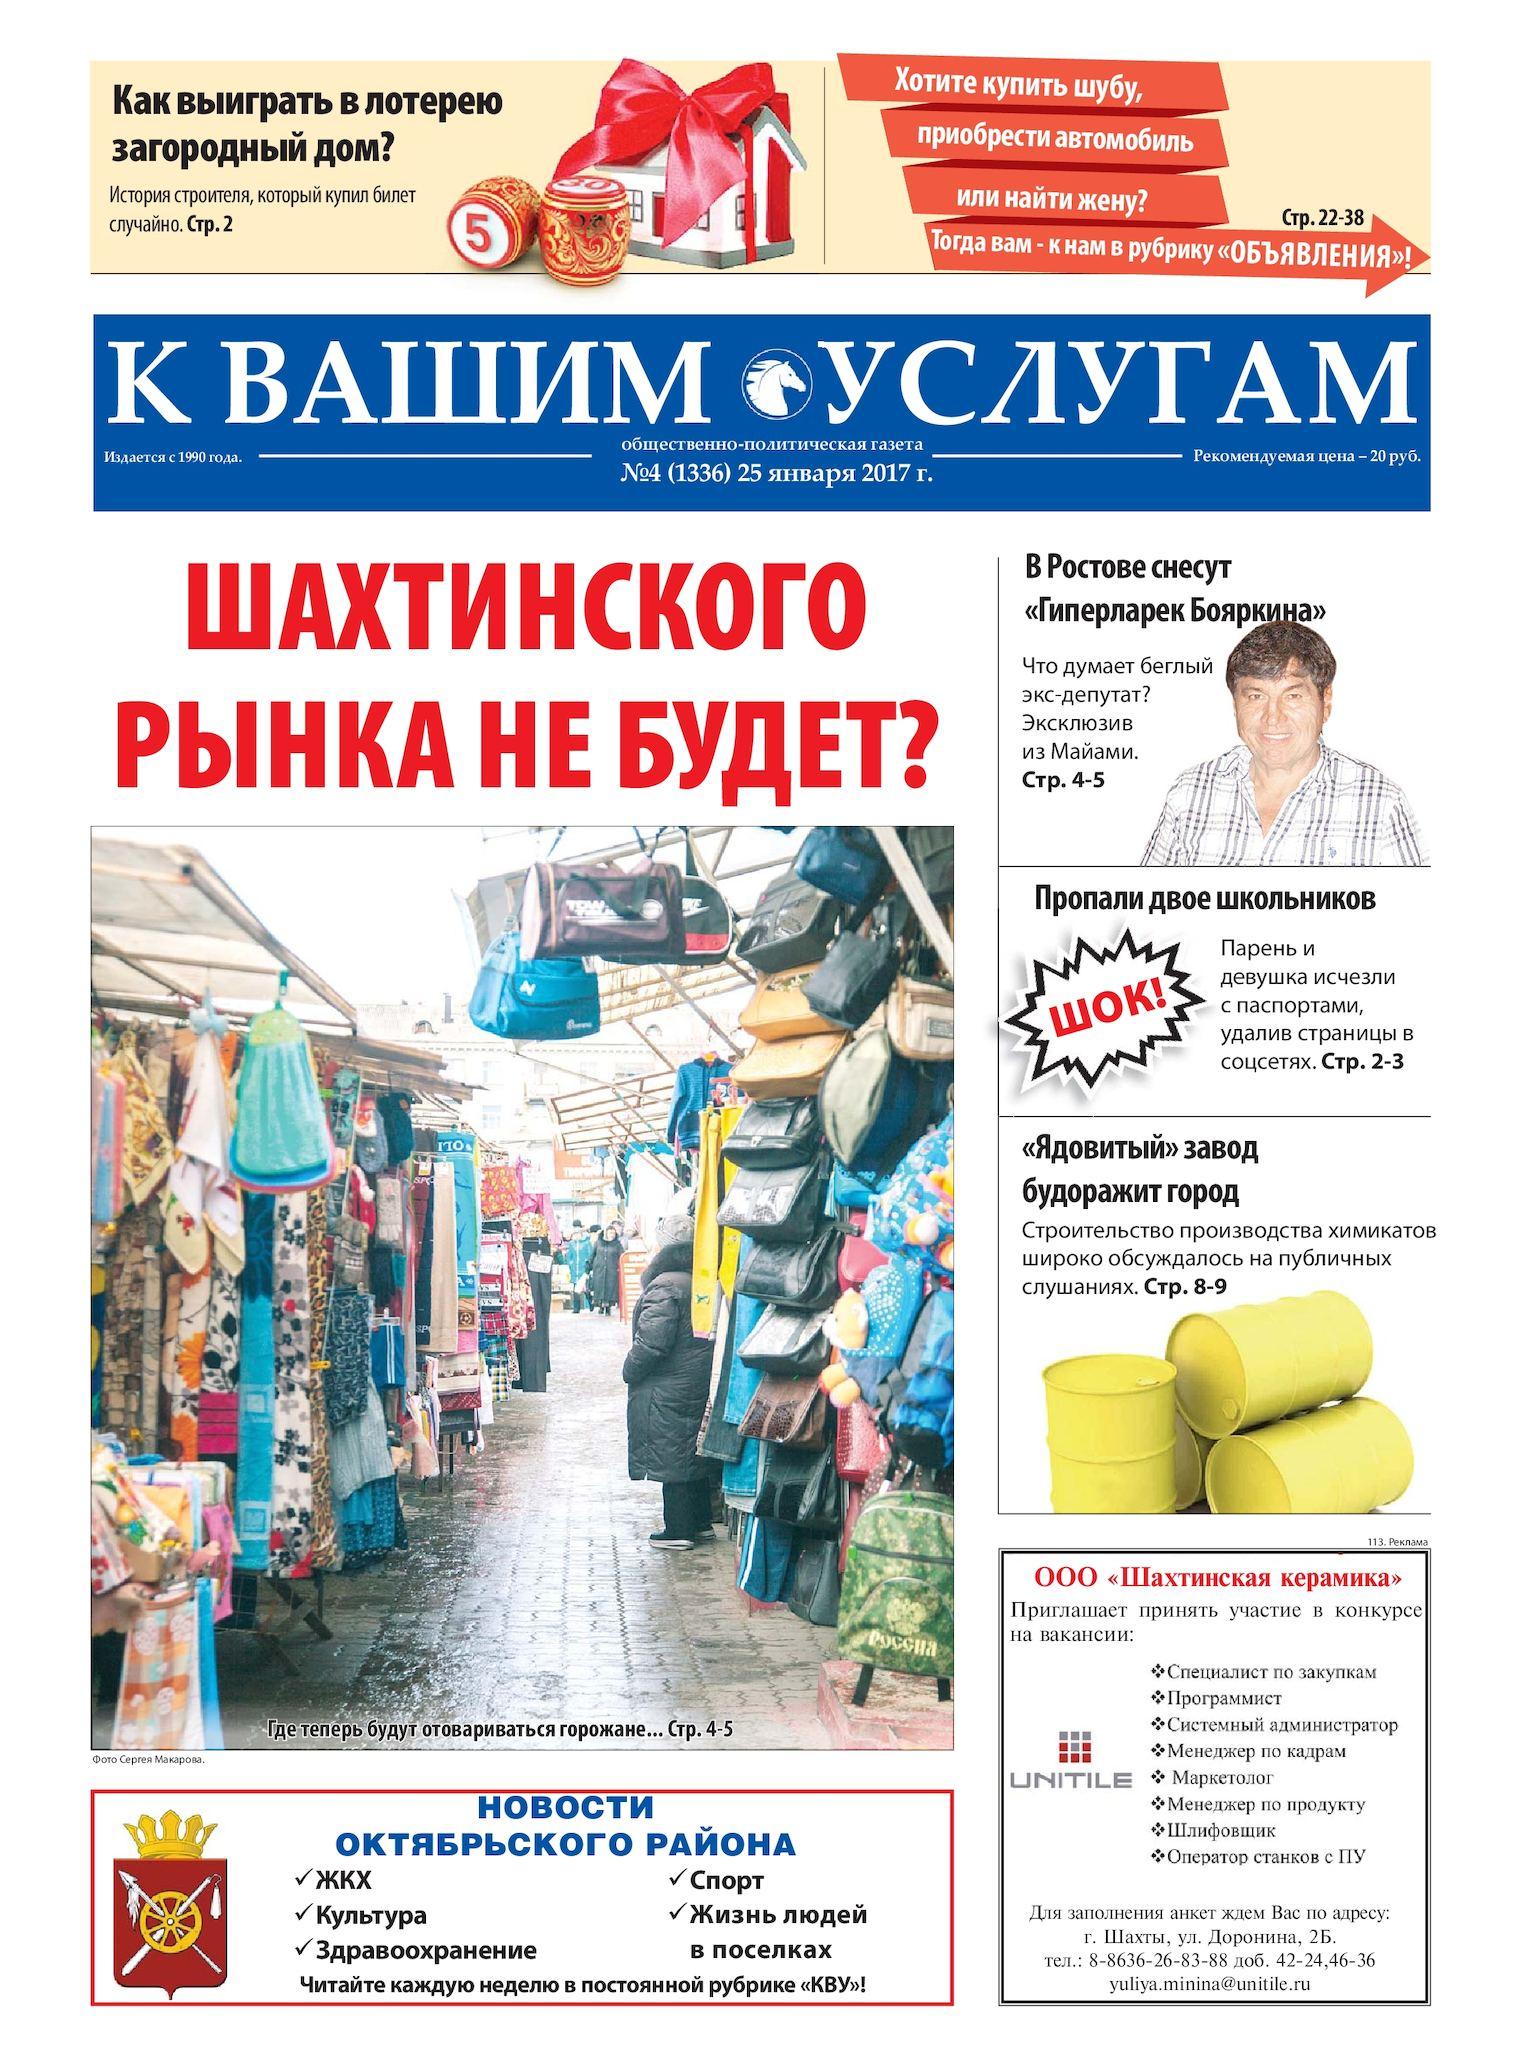 Sravni.ru кредит наличными с плохой кредитной историей старый оскол